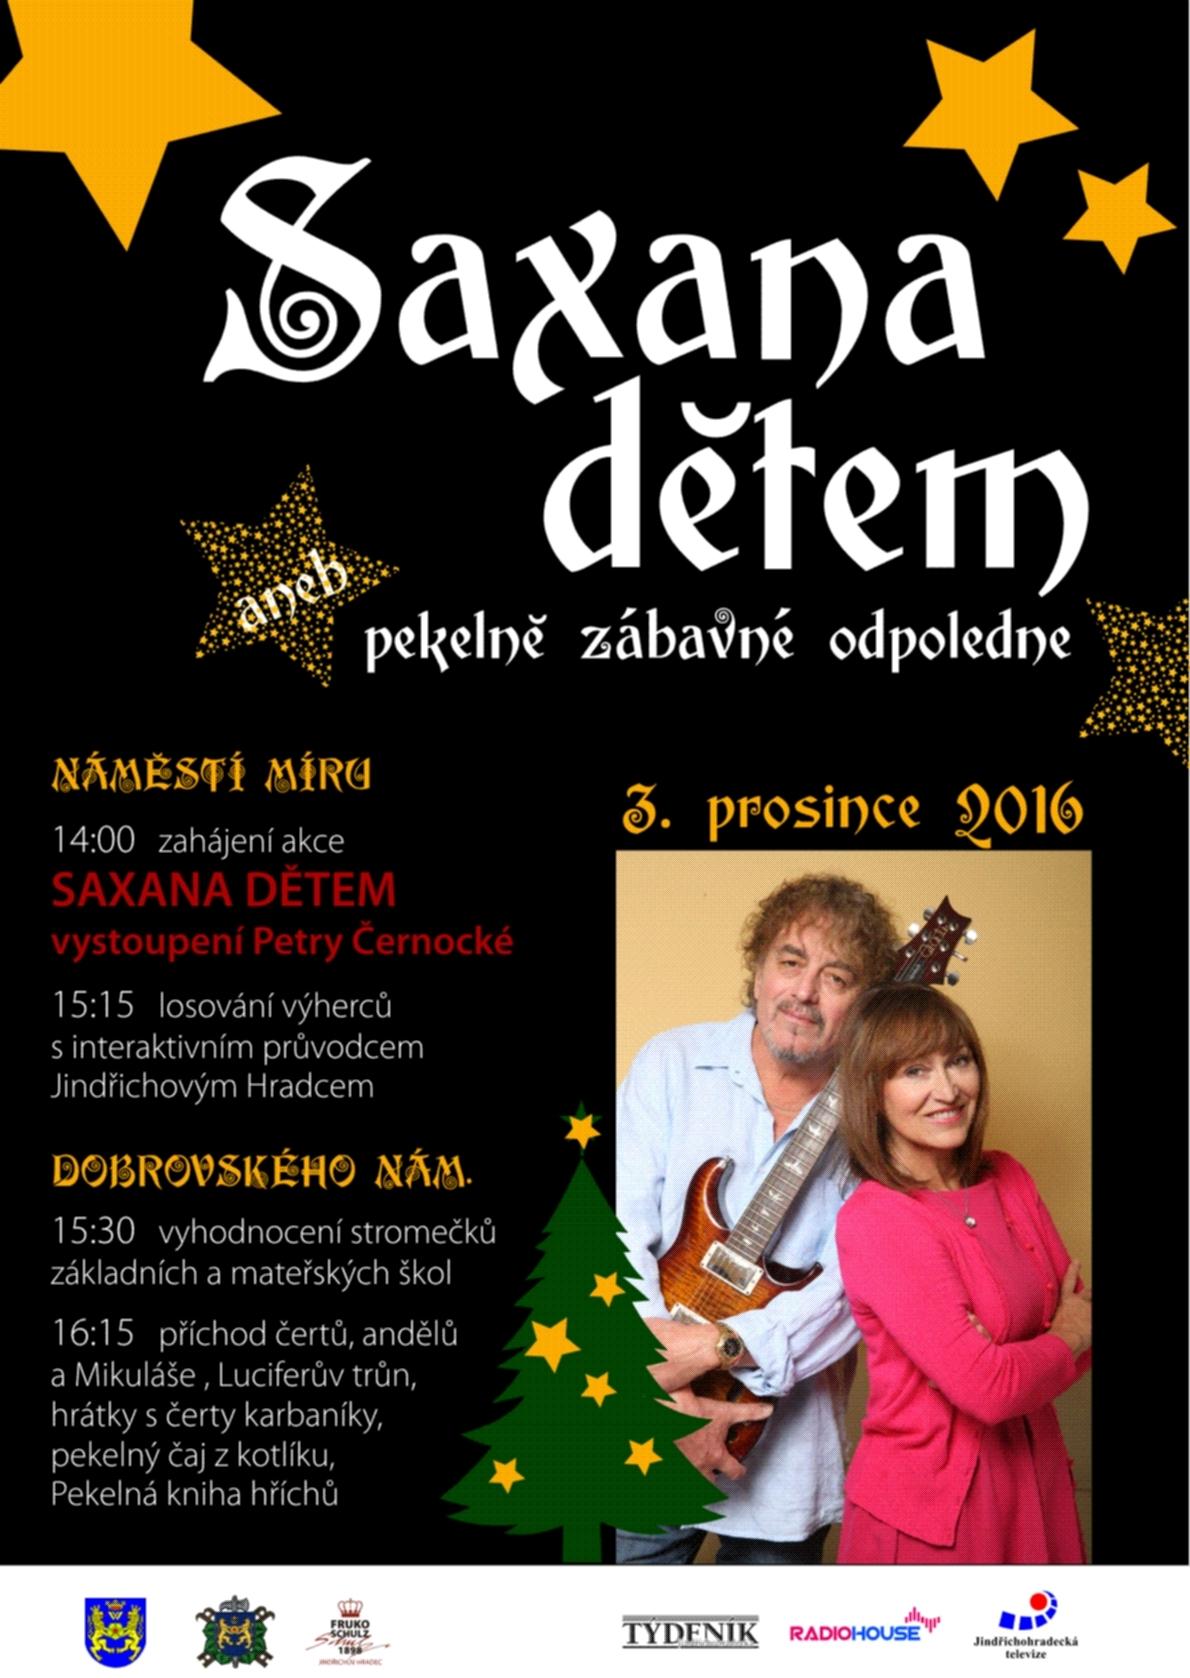 Dětem při pekelně zábavném odpoledni zazpívá Saxana